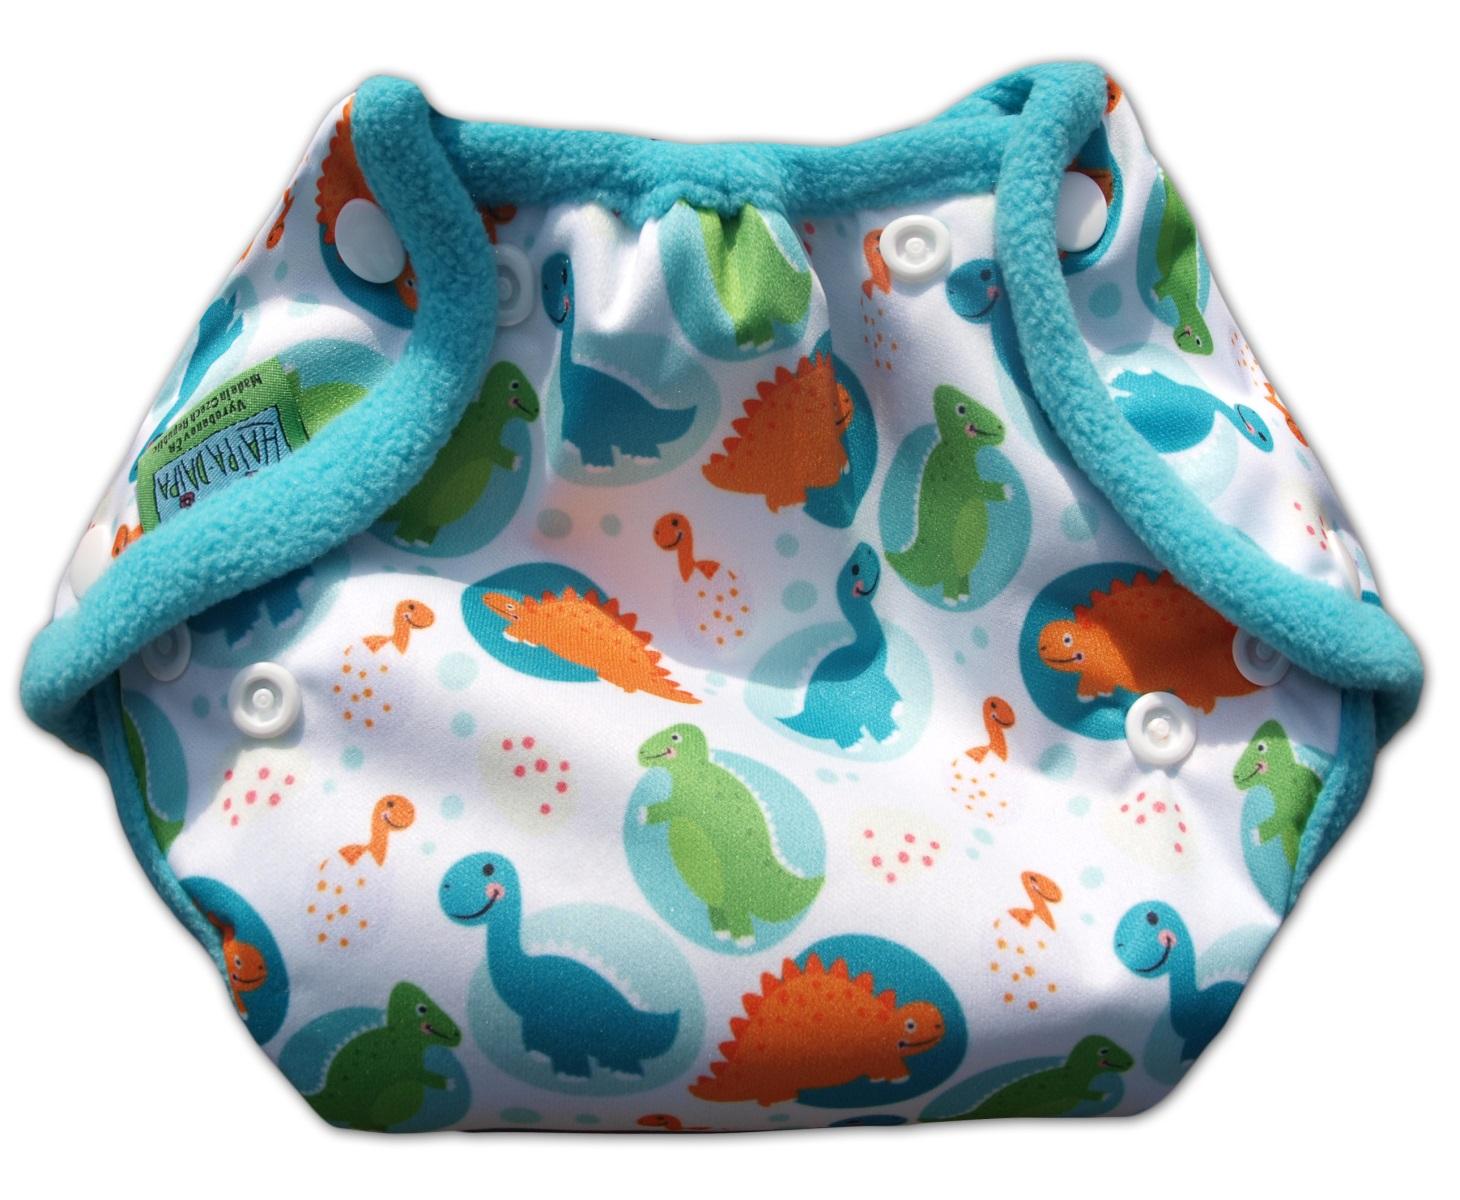 waterproof PUL covers